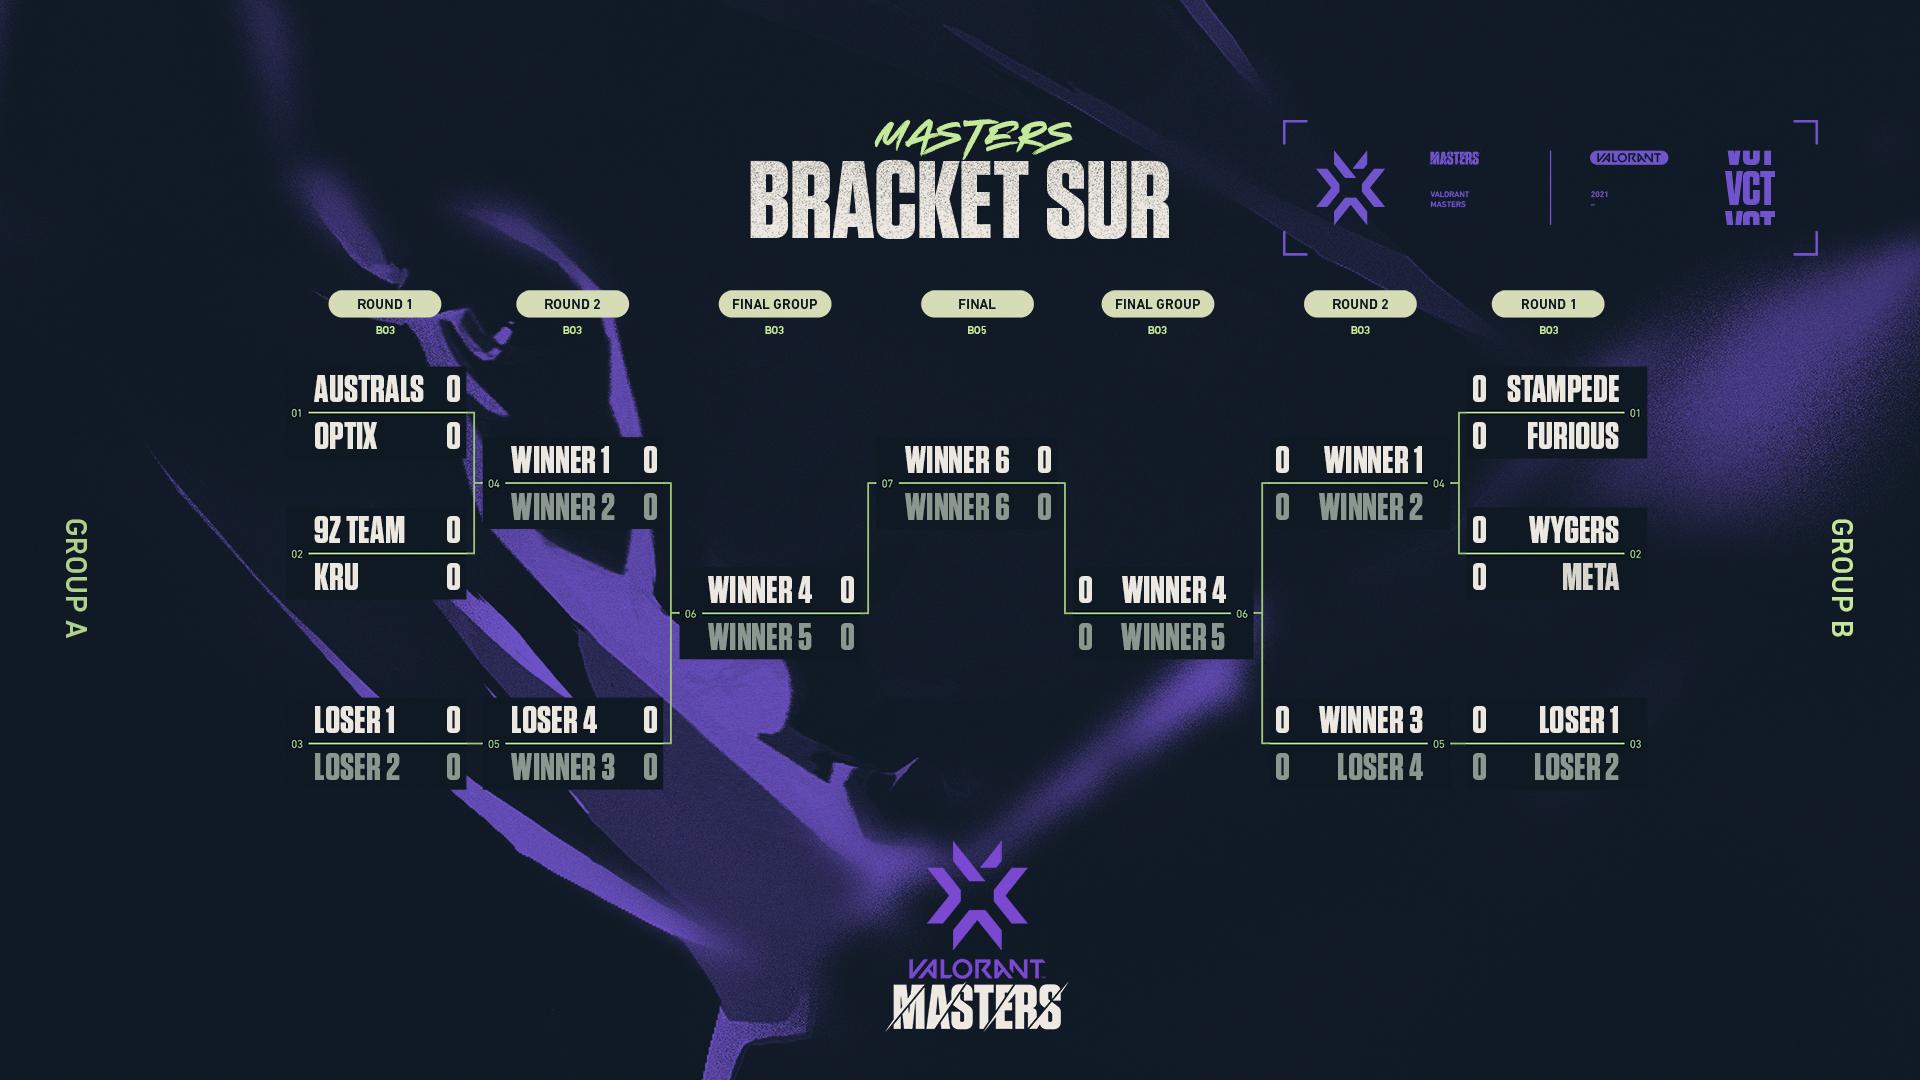 03_VCT_Masters_Debrief_sur_v3.jpg